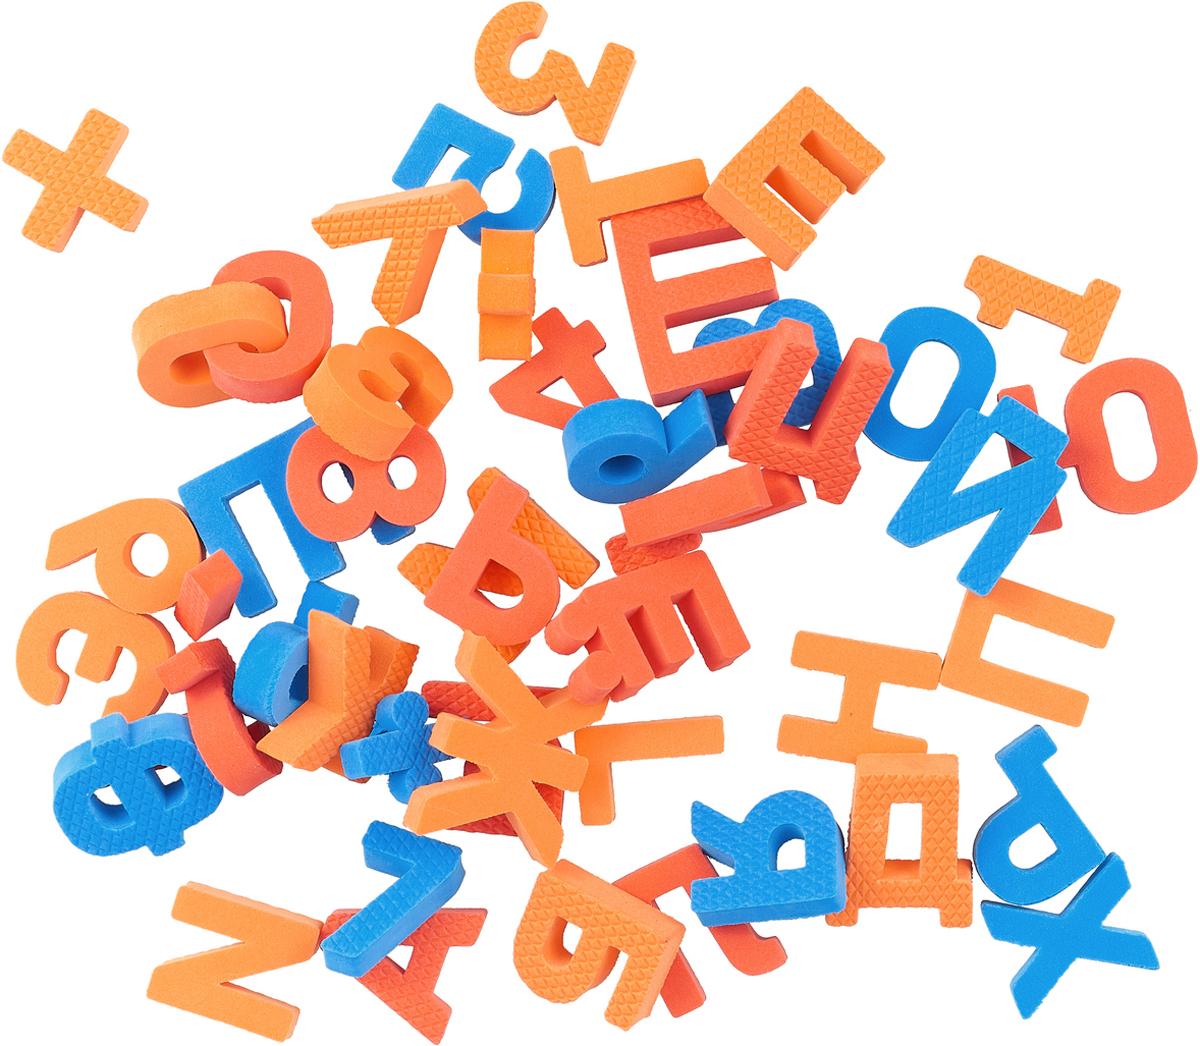 Pic'nMix Набор игрушек для ванной Буквы-цифры цвет синий красный оранжевый 48 шт mommy love набор игрушек для ванной морские чудеса 6 шт